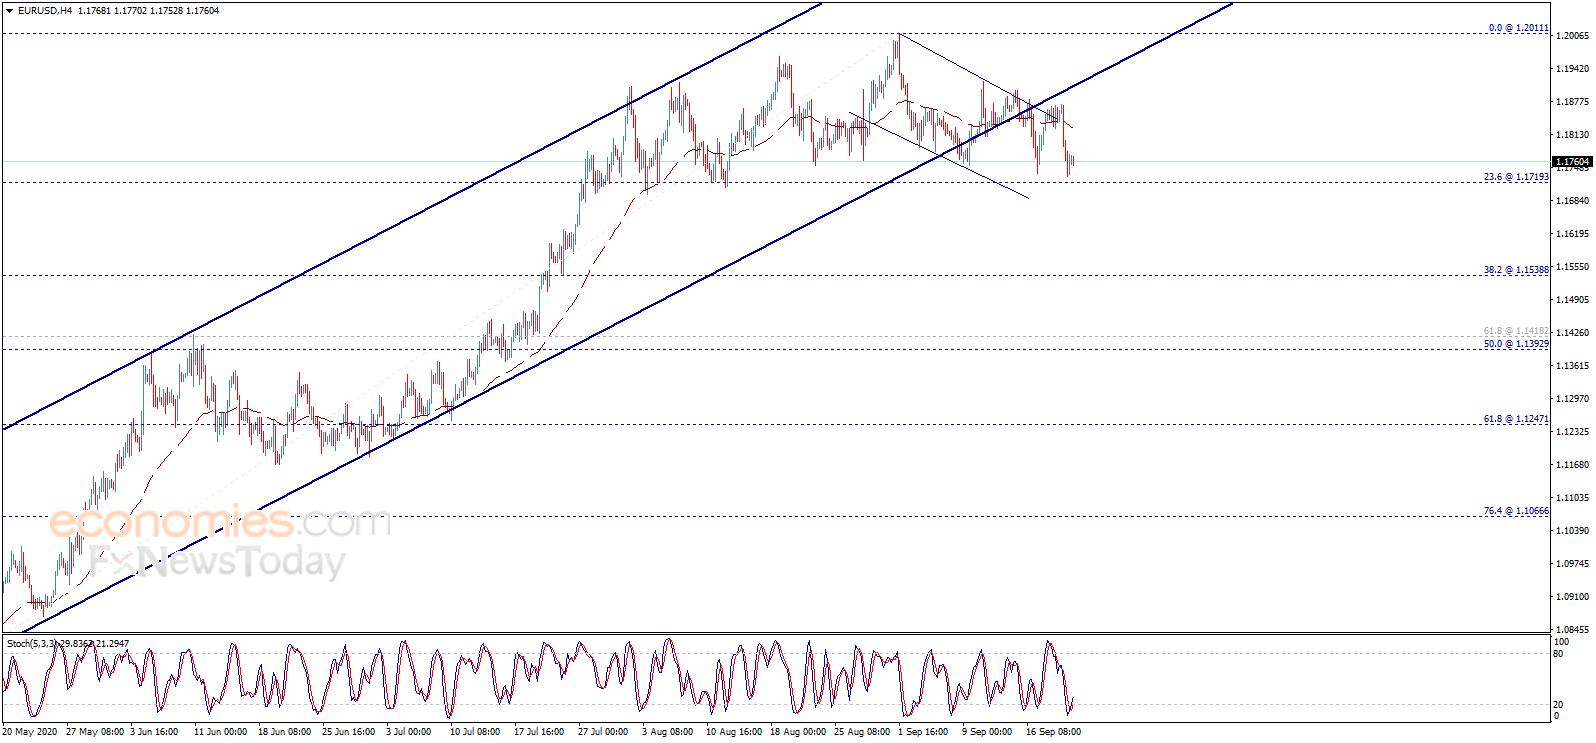 若失守该水平、金价恐再大跌 欧元、英镑、日元和黄金最新日内交易分析